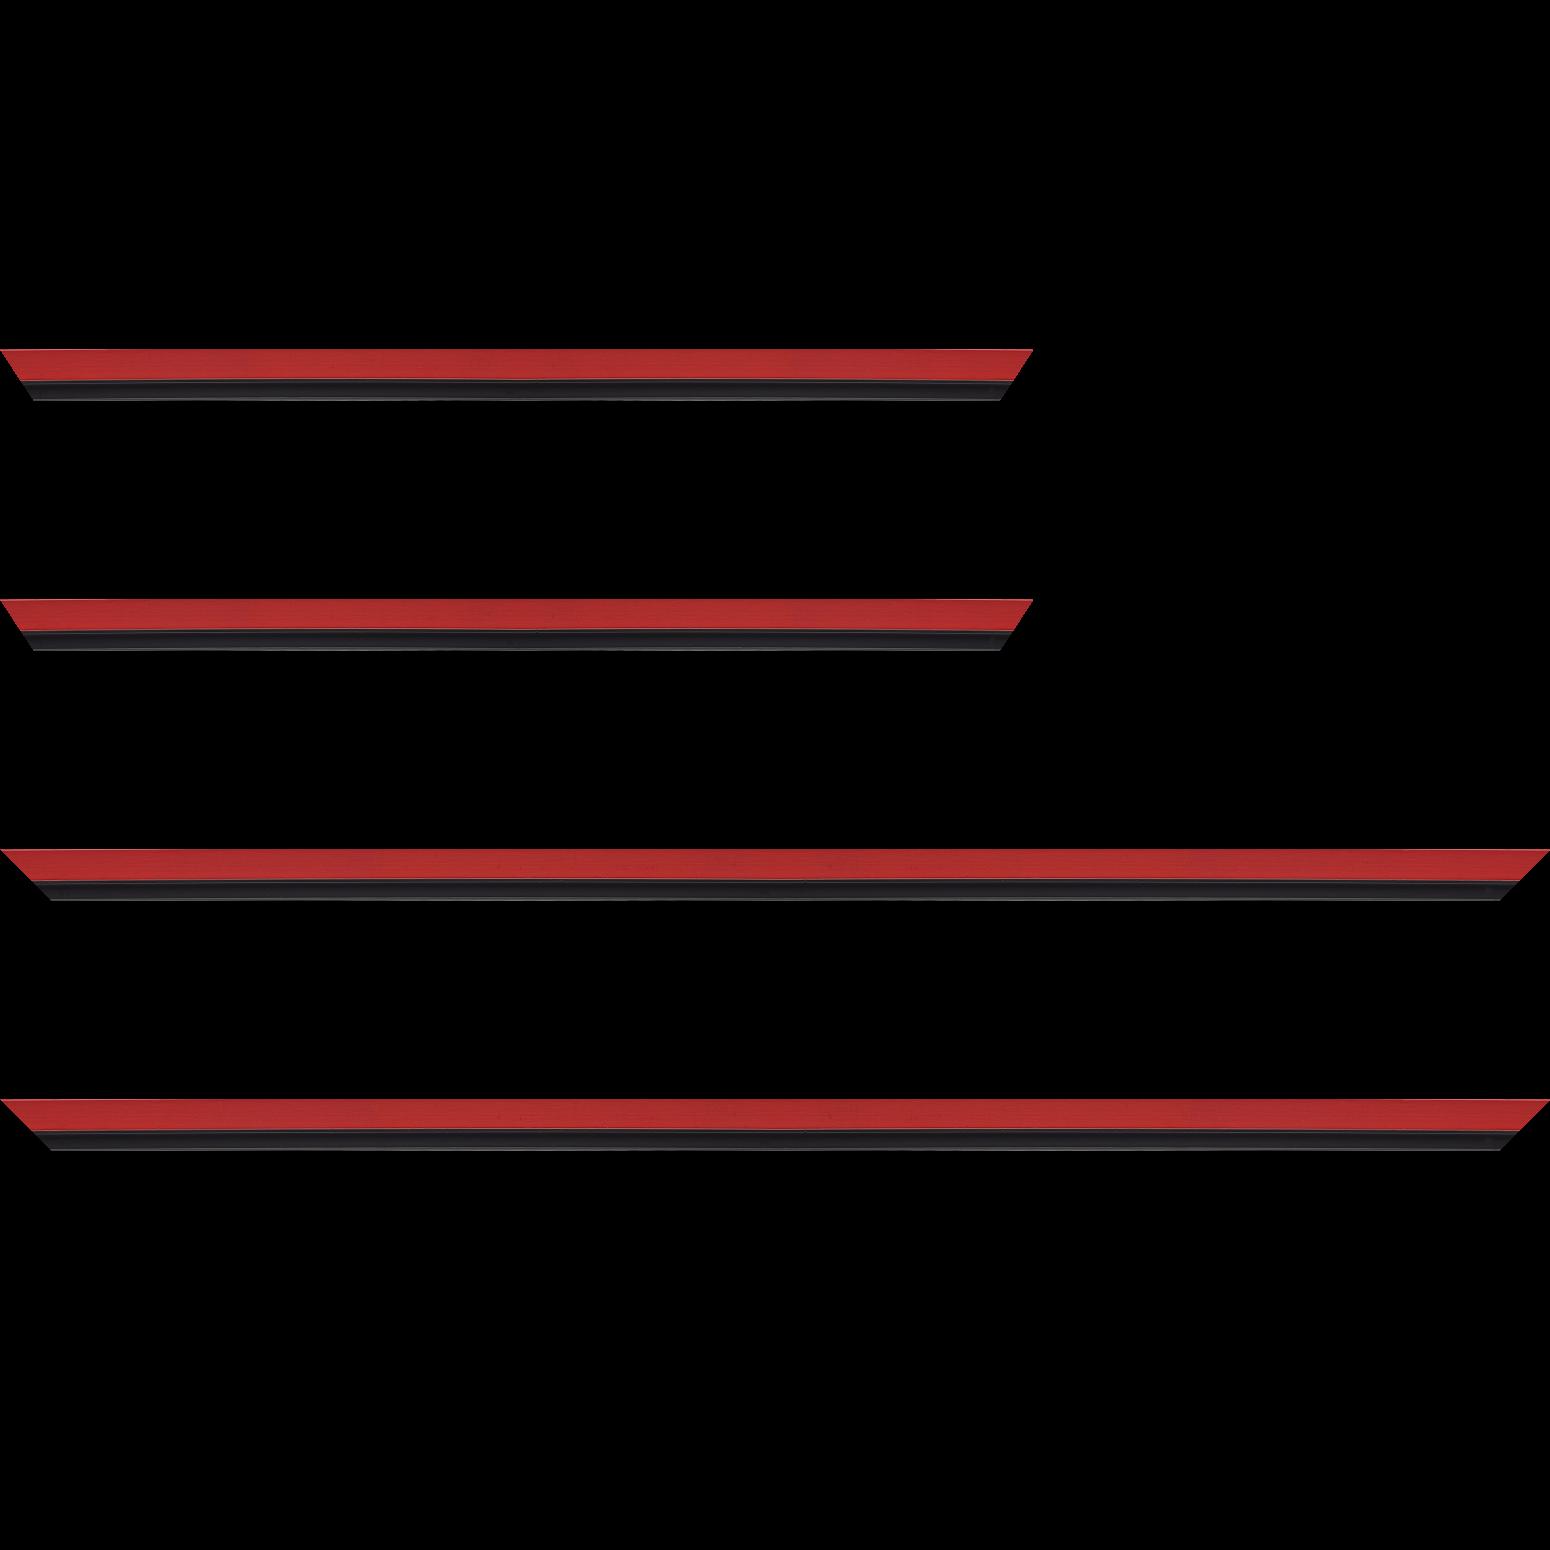 Baguette service précoupé Bois profil plat largeur 1.6cm couleur rouge satiné filet noir en retrait de la face du cadre de 6mm assurant un effet très original